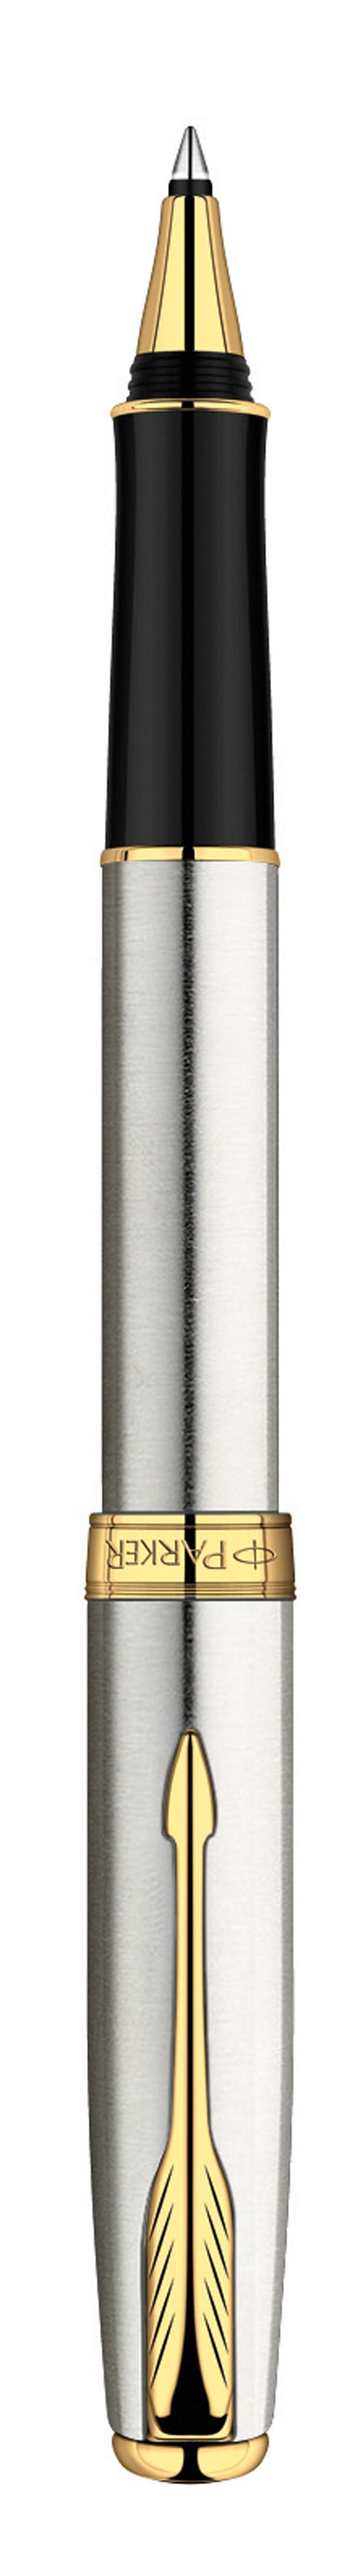 Parker Ручка-роллер Sonnet Stainless Steel GTPARKER-S0809130Данная ручка – это истинный образец неповторимой утонченности и чарующей элегантности. Яркий металлический блеск в сочетании с мерцающим сиянием золота приносит в образ волнующую изысканность. Тип: Ручка-роллер со съемным колпачком Толщина пишущего узла: Средний (М) Корпус: Нержавеющая сталь Отделка: Позолота 23 К Механизм: съемный колпачок Цвет корпуса: серебряный, стальной Отделка: золотой цвет Толщина корпуcа: стандартная